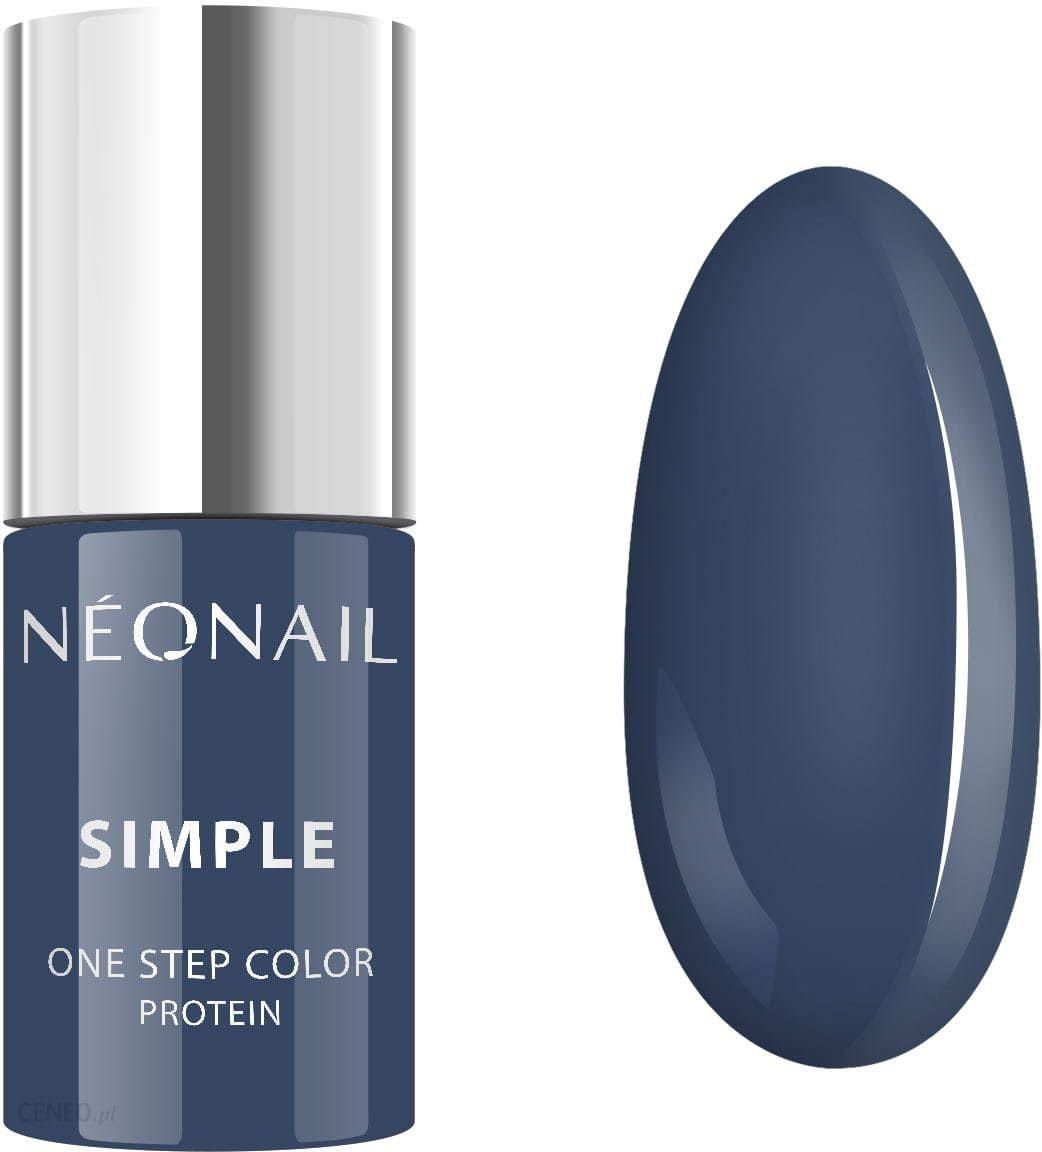 Neonail 3w1 Lakier Hybrydowy Simple Mysterious 7 2g Opinie I Ceny Na Ceneo Pl